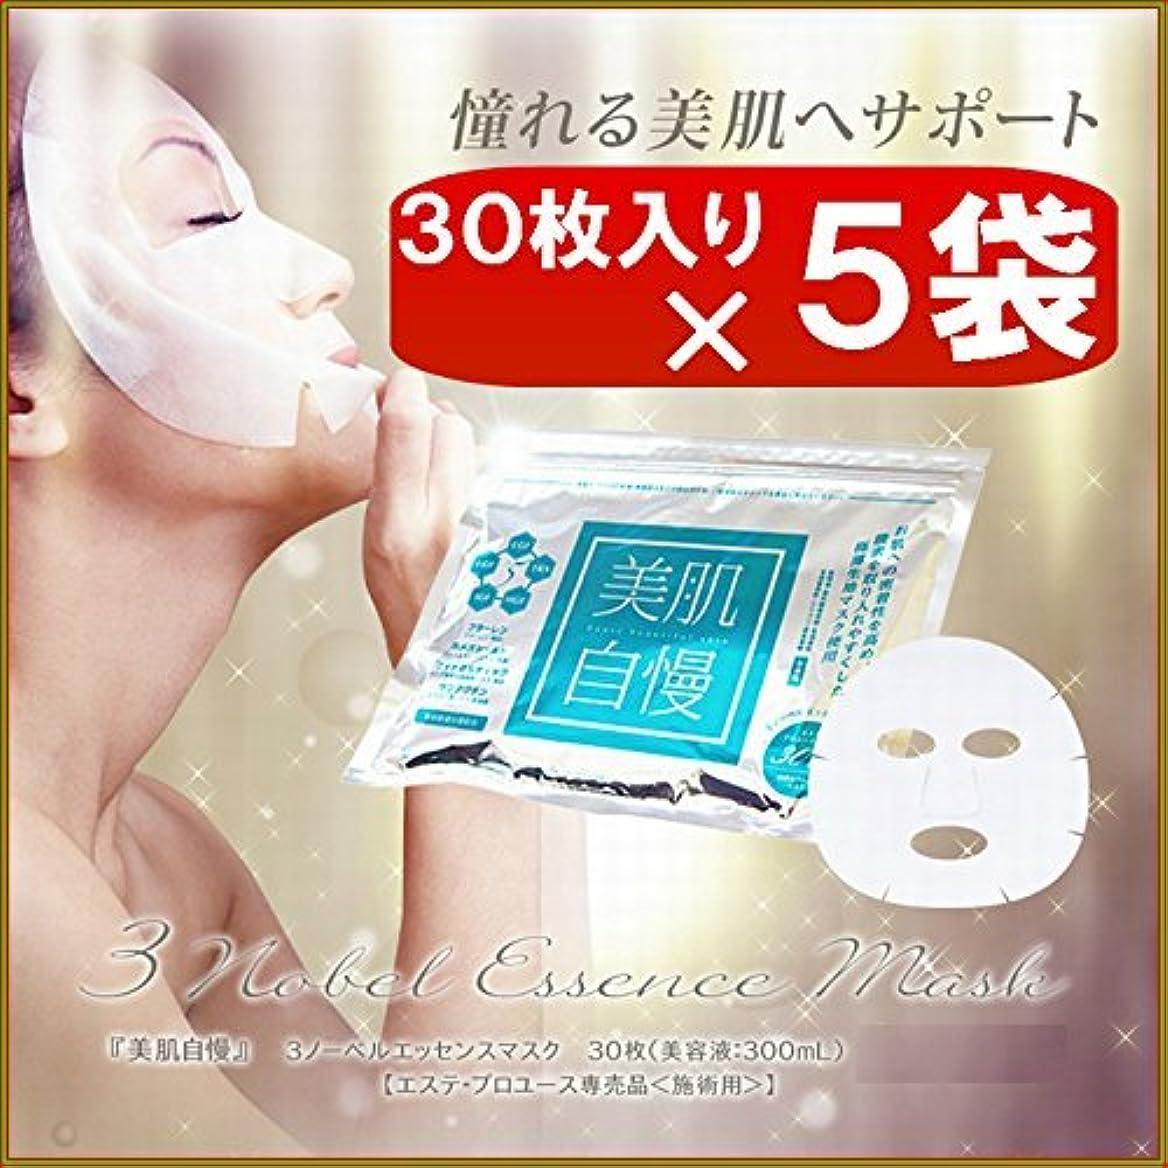 細断事前に彼美肌自慢フェイスマスク 30枚入り ×超お得5袋セット 《エッセンスマスク、EGF、IGF、ヒアルロン酸、プラセンタ、アルブチン、カタツムリエキス、しみ、しわ》